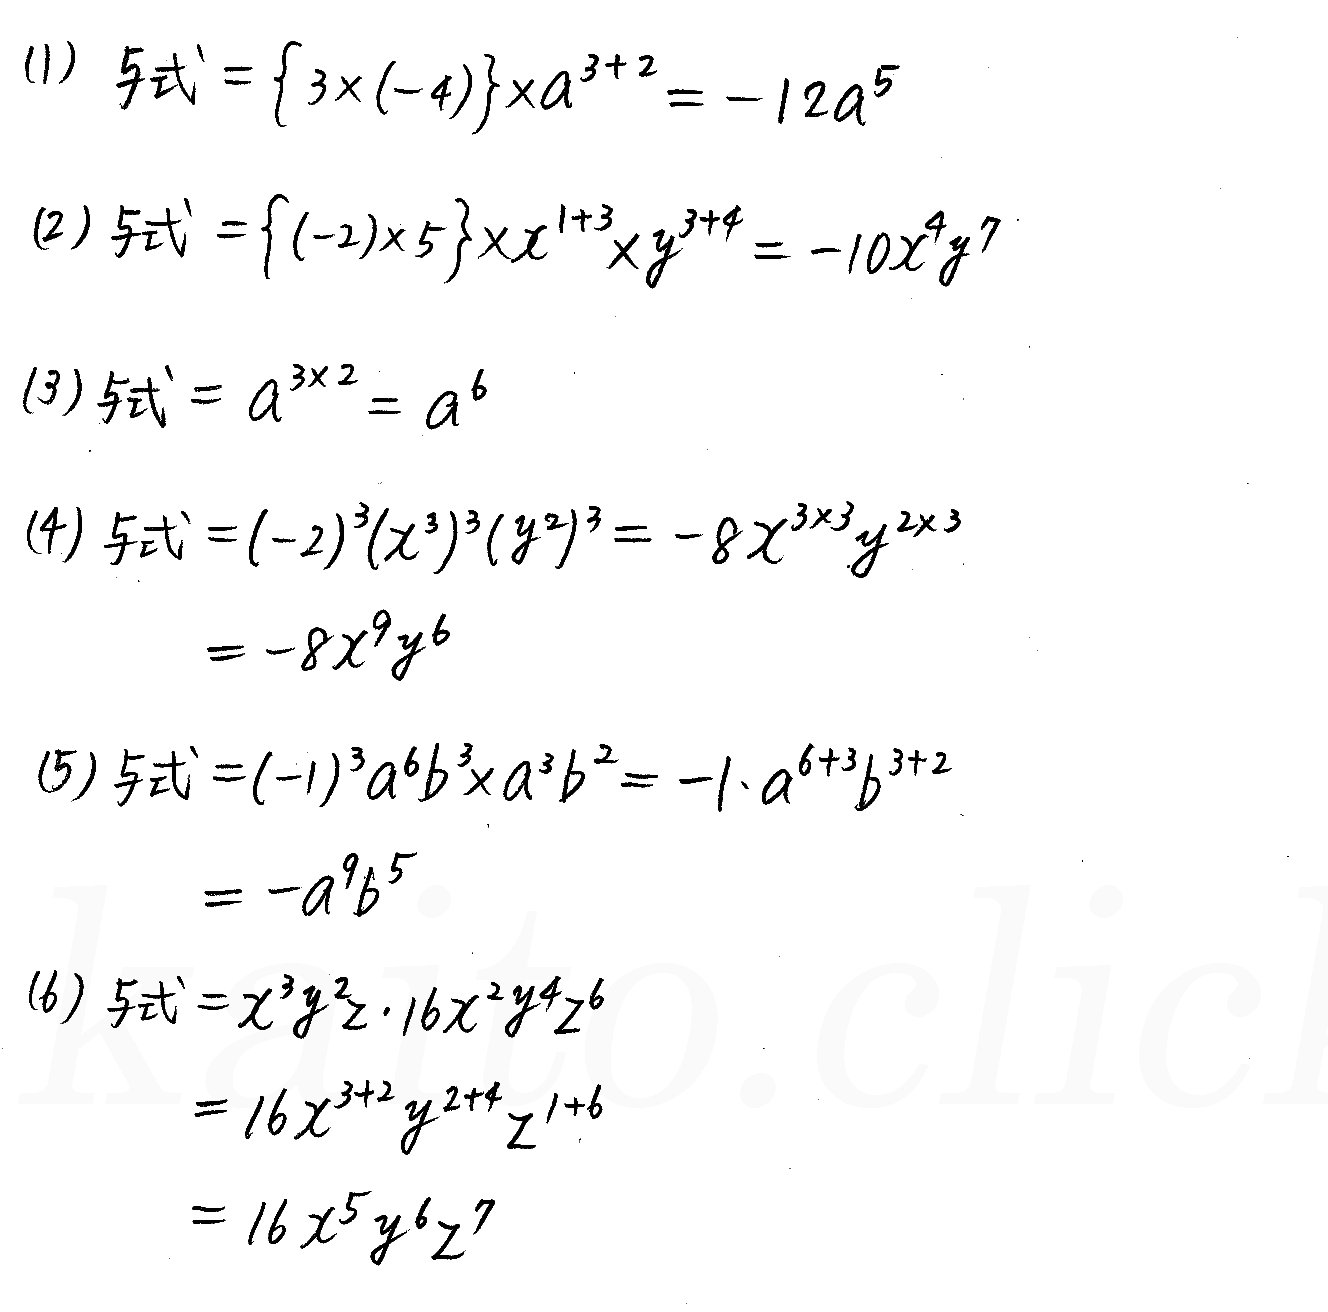 クリアー数学1-14解答